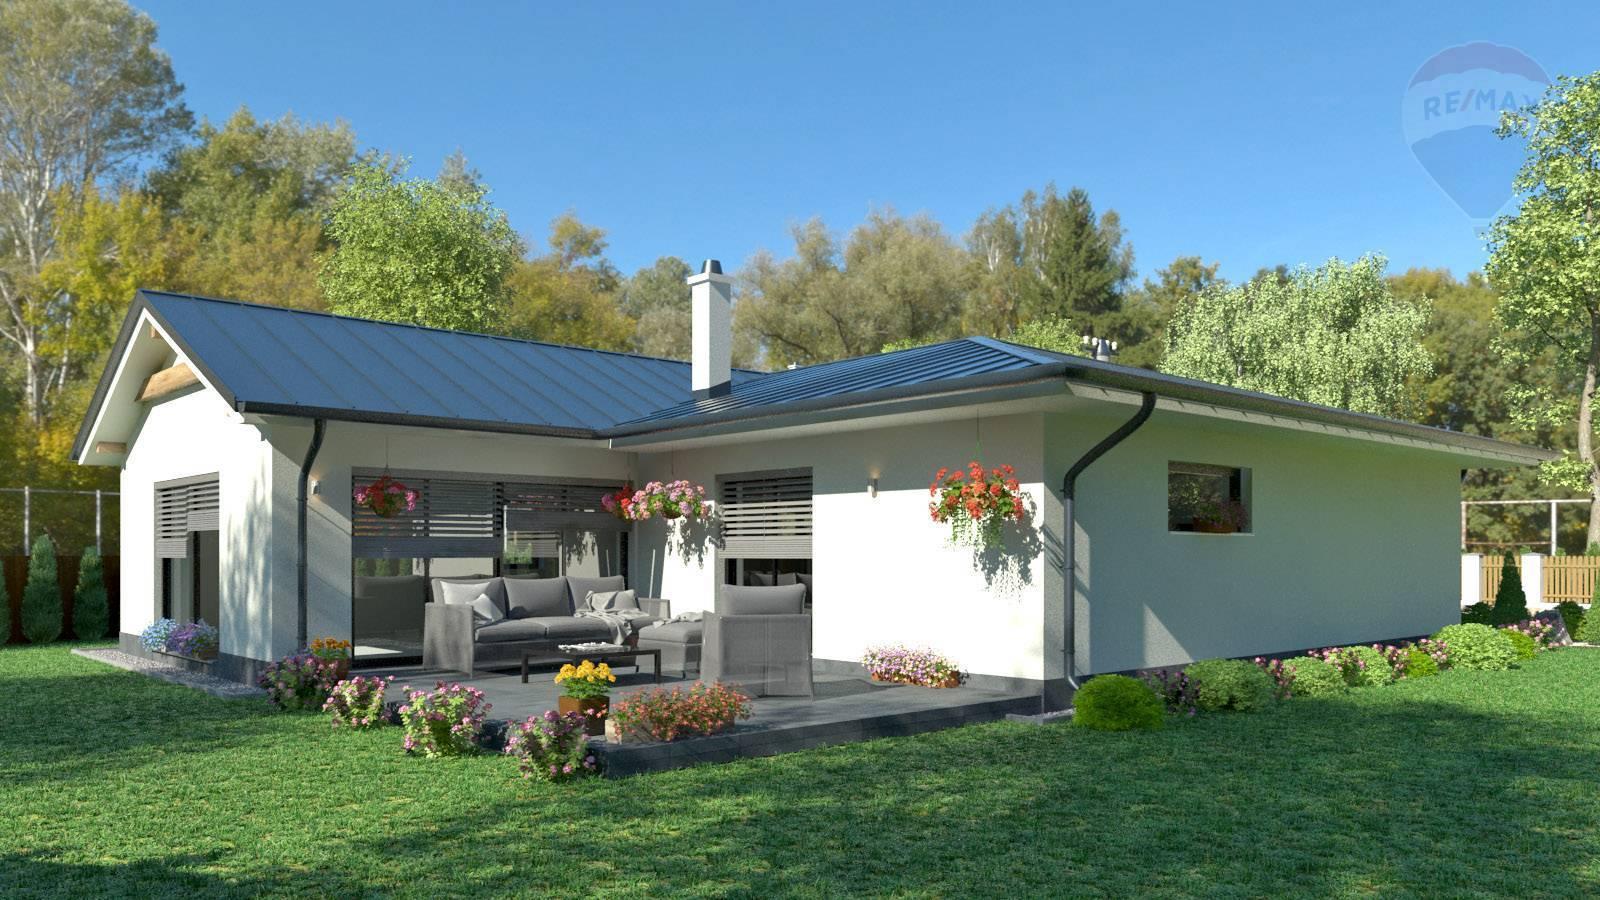 Predaj domu 142 m2, Brezno - Predaj: novostavba bungalov 177 m22